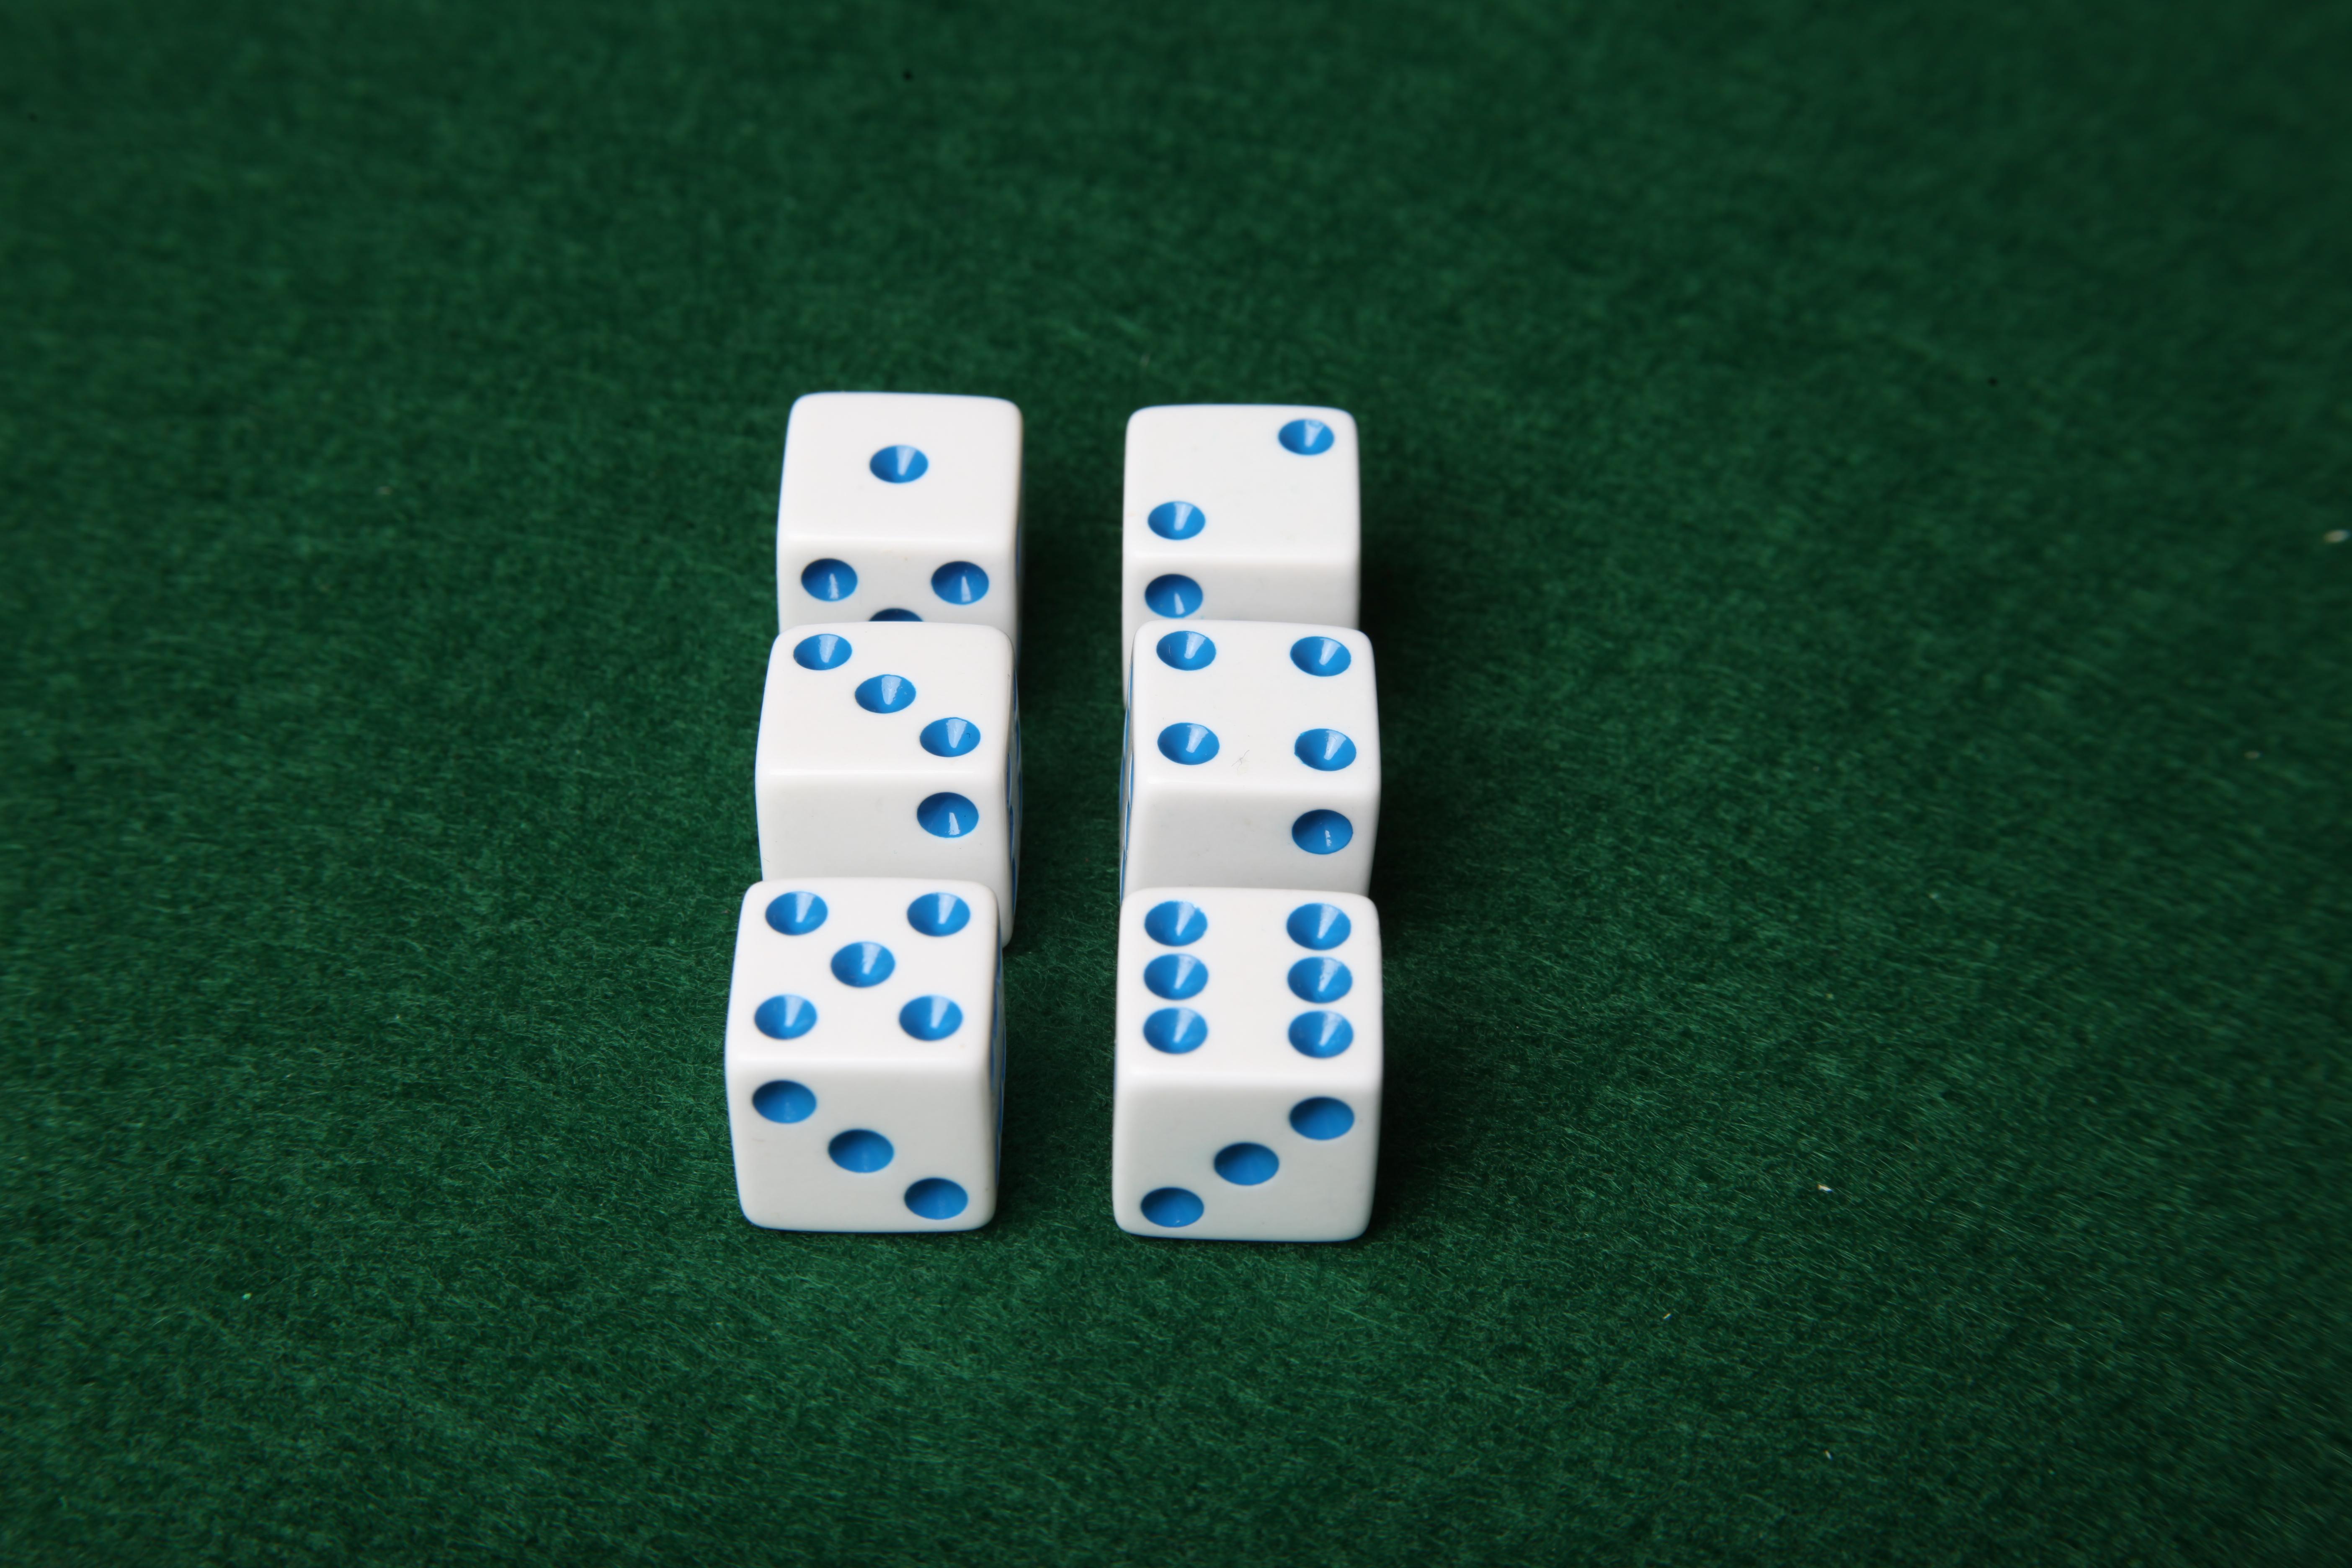 Dice on green felt table photo